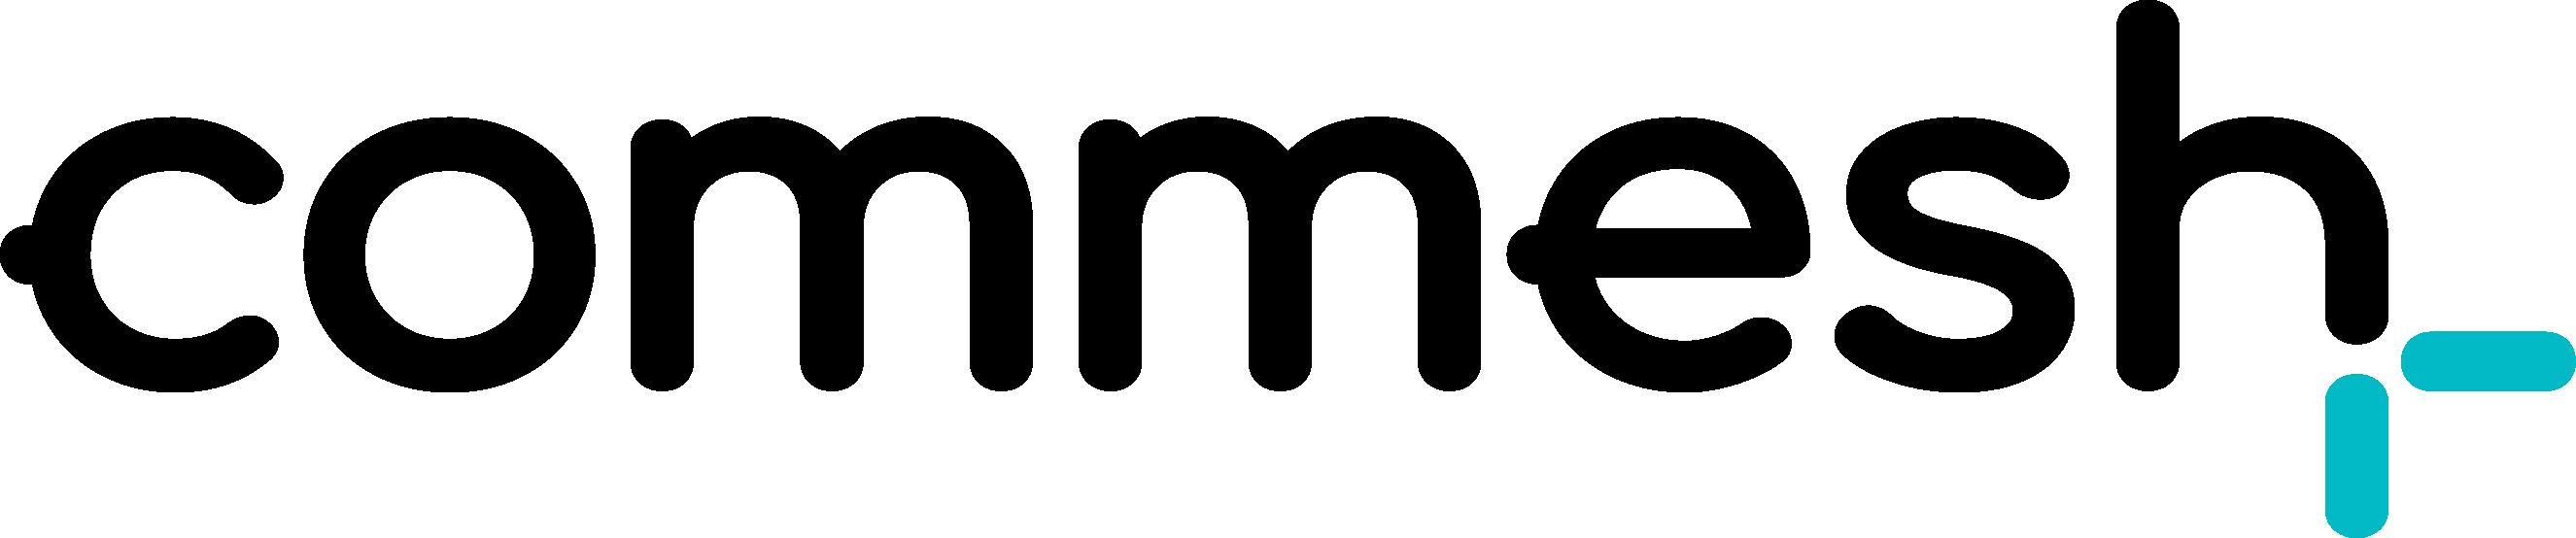 21021.jpg